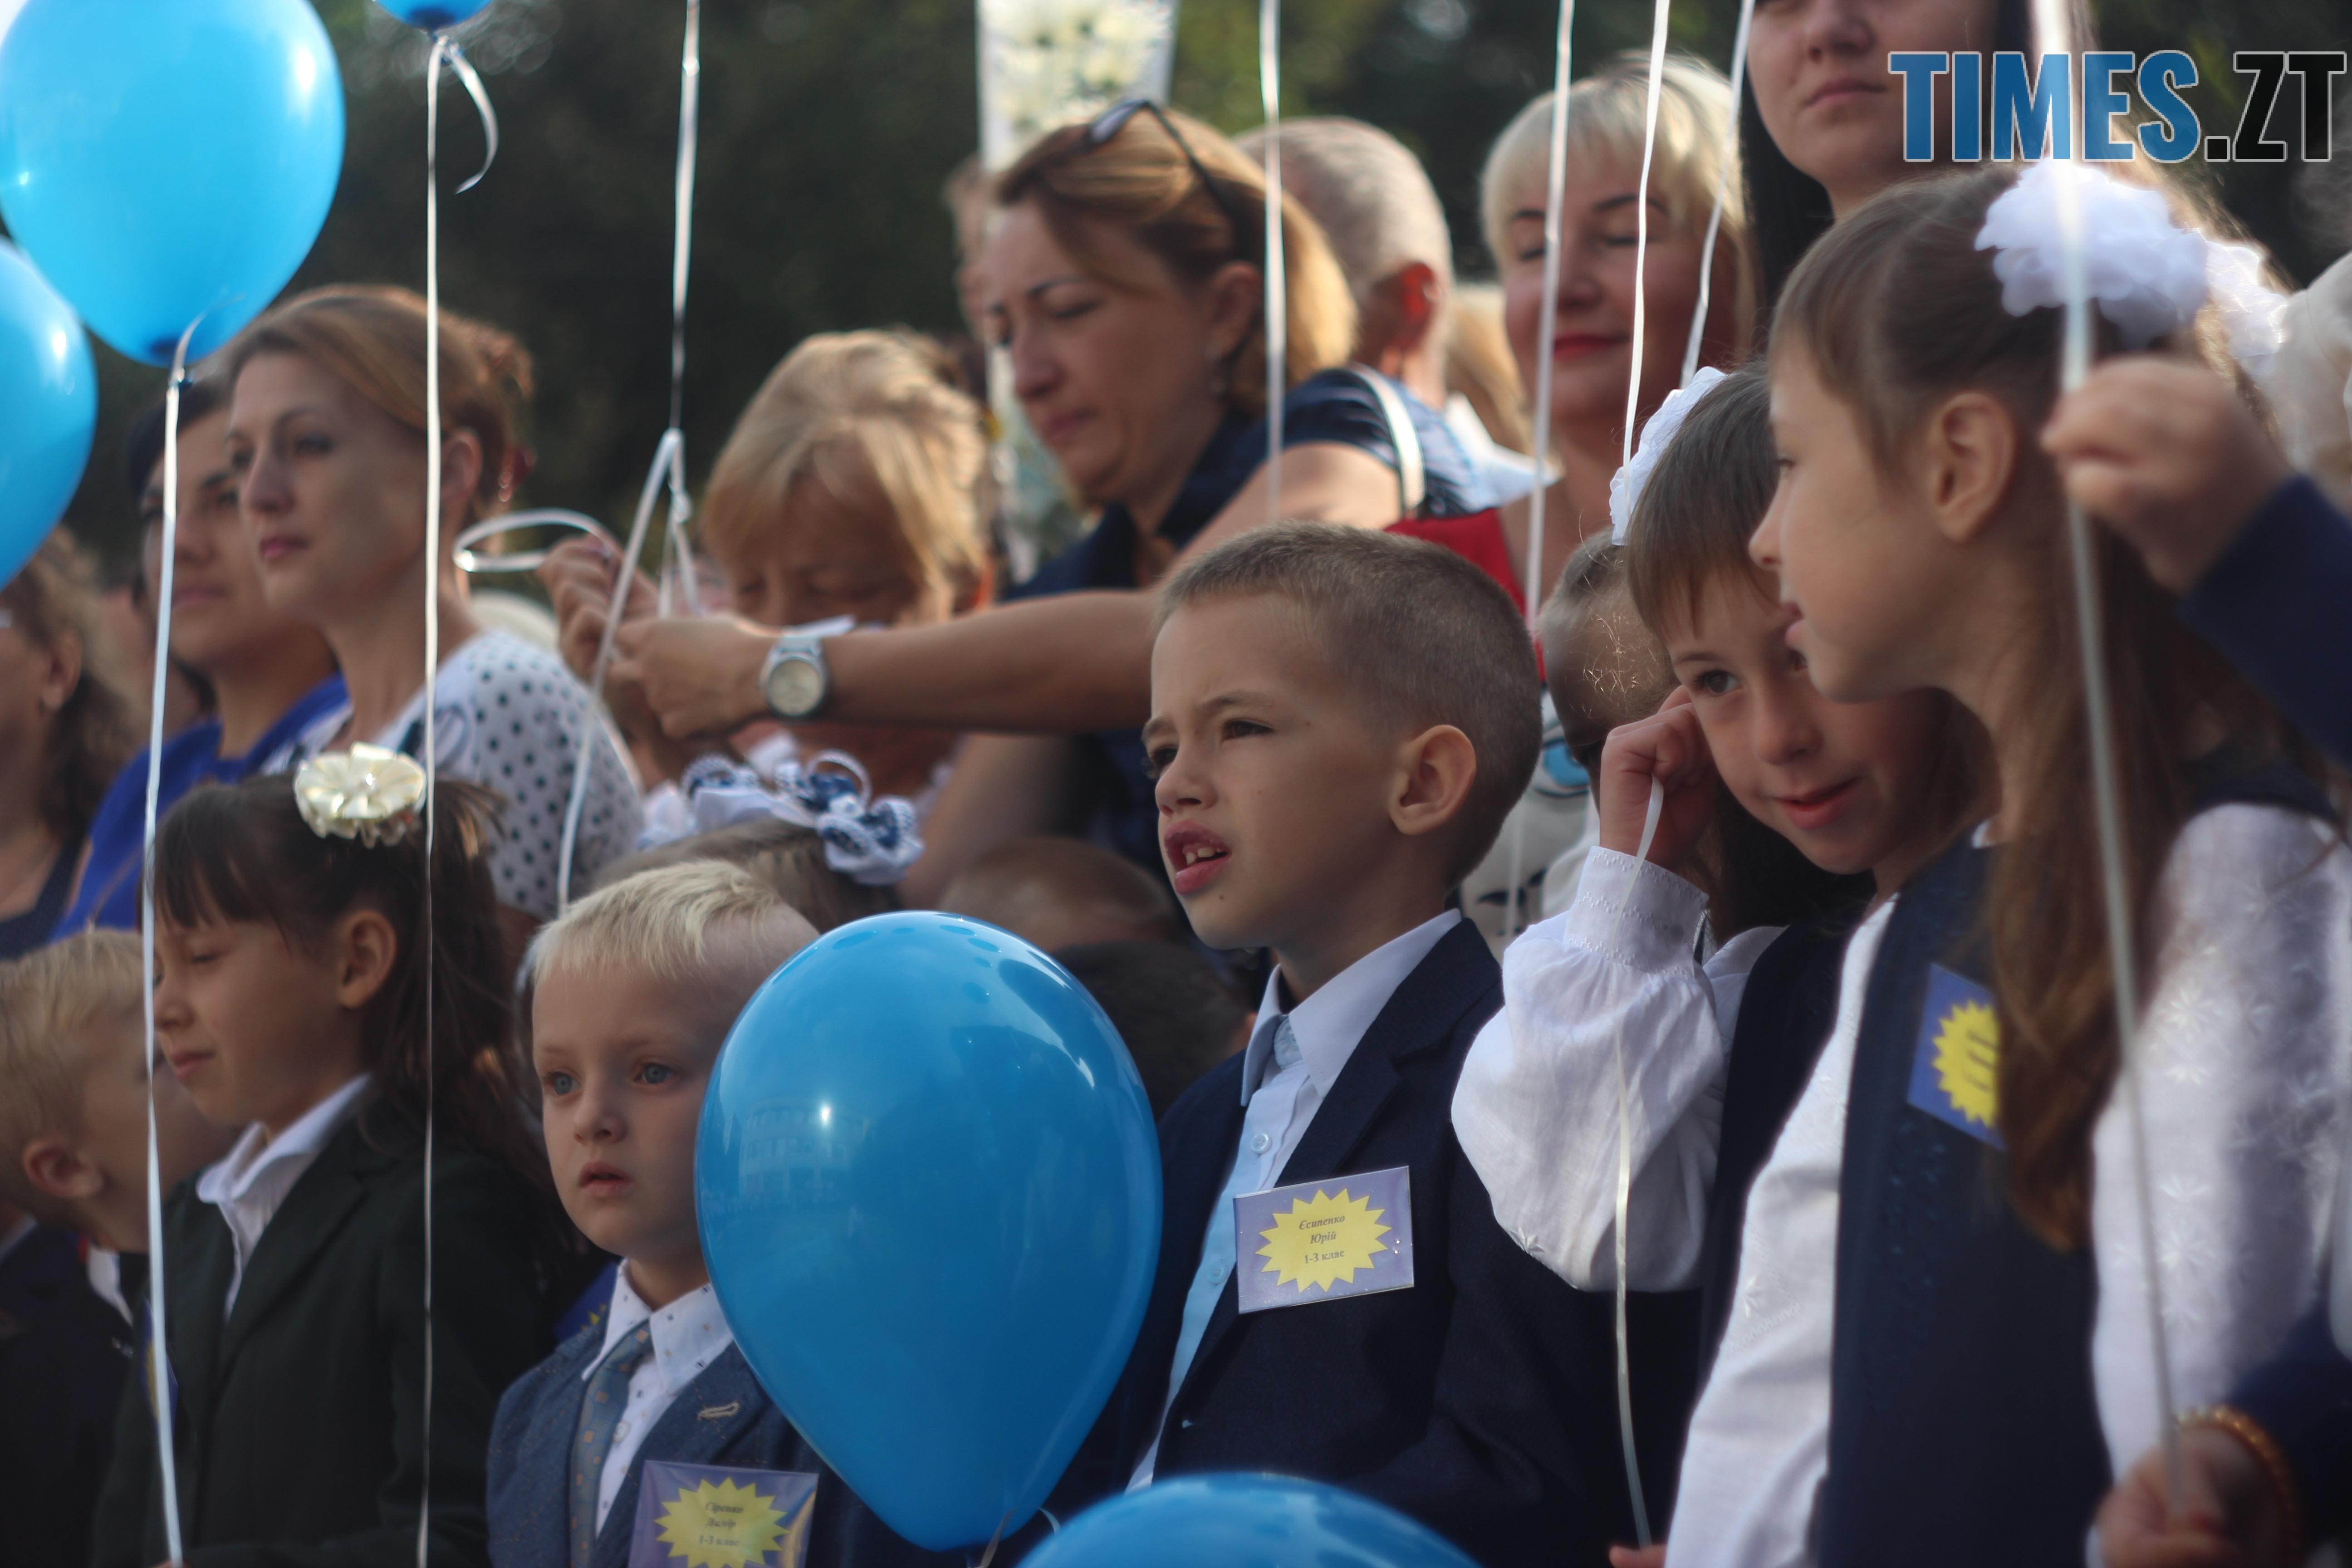 IMG 8754 - Майже 4 тисячі житомирських першокласників навчатимуться за системою Нової української школи (ФОТОРЕПОРТАЖ)